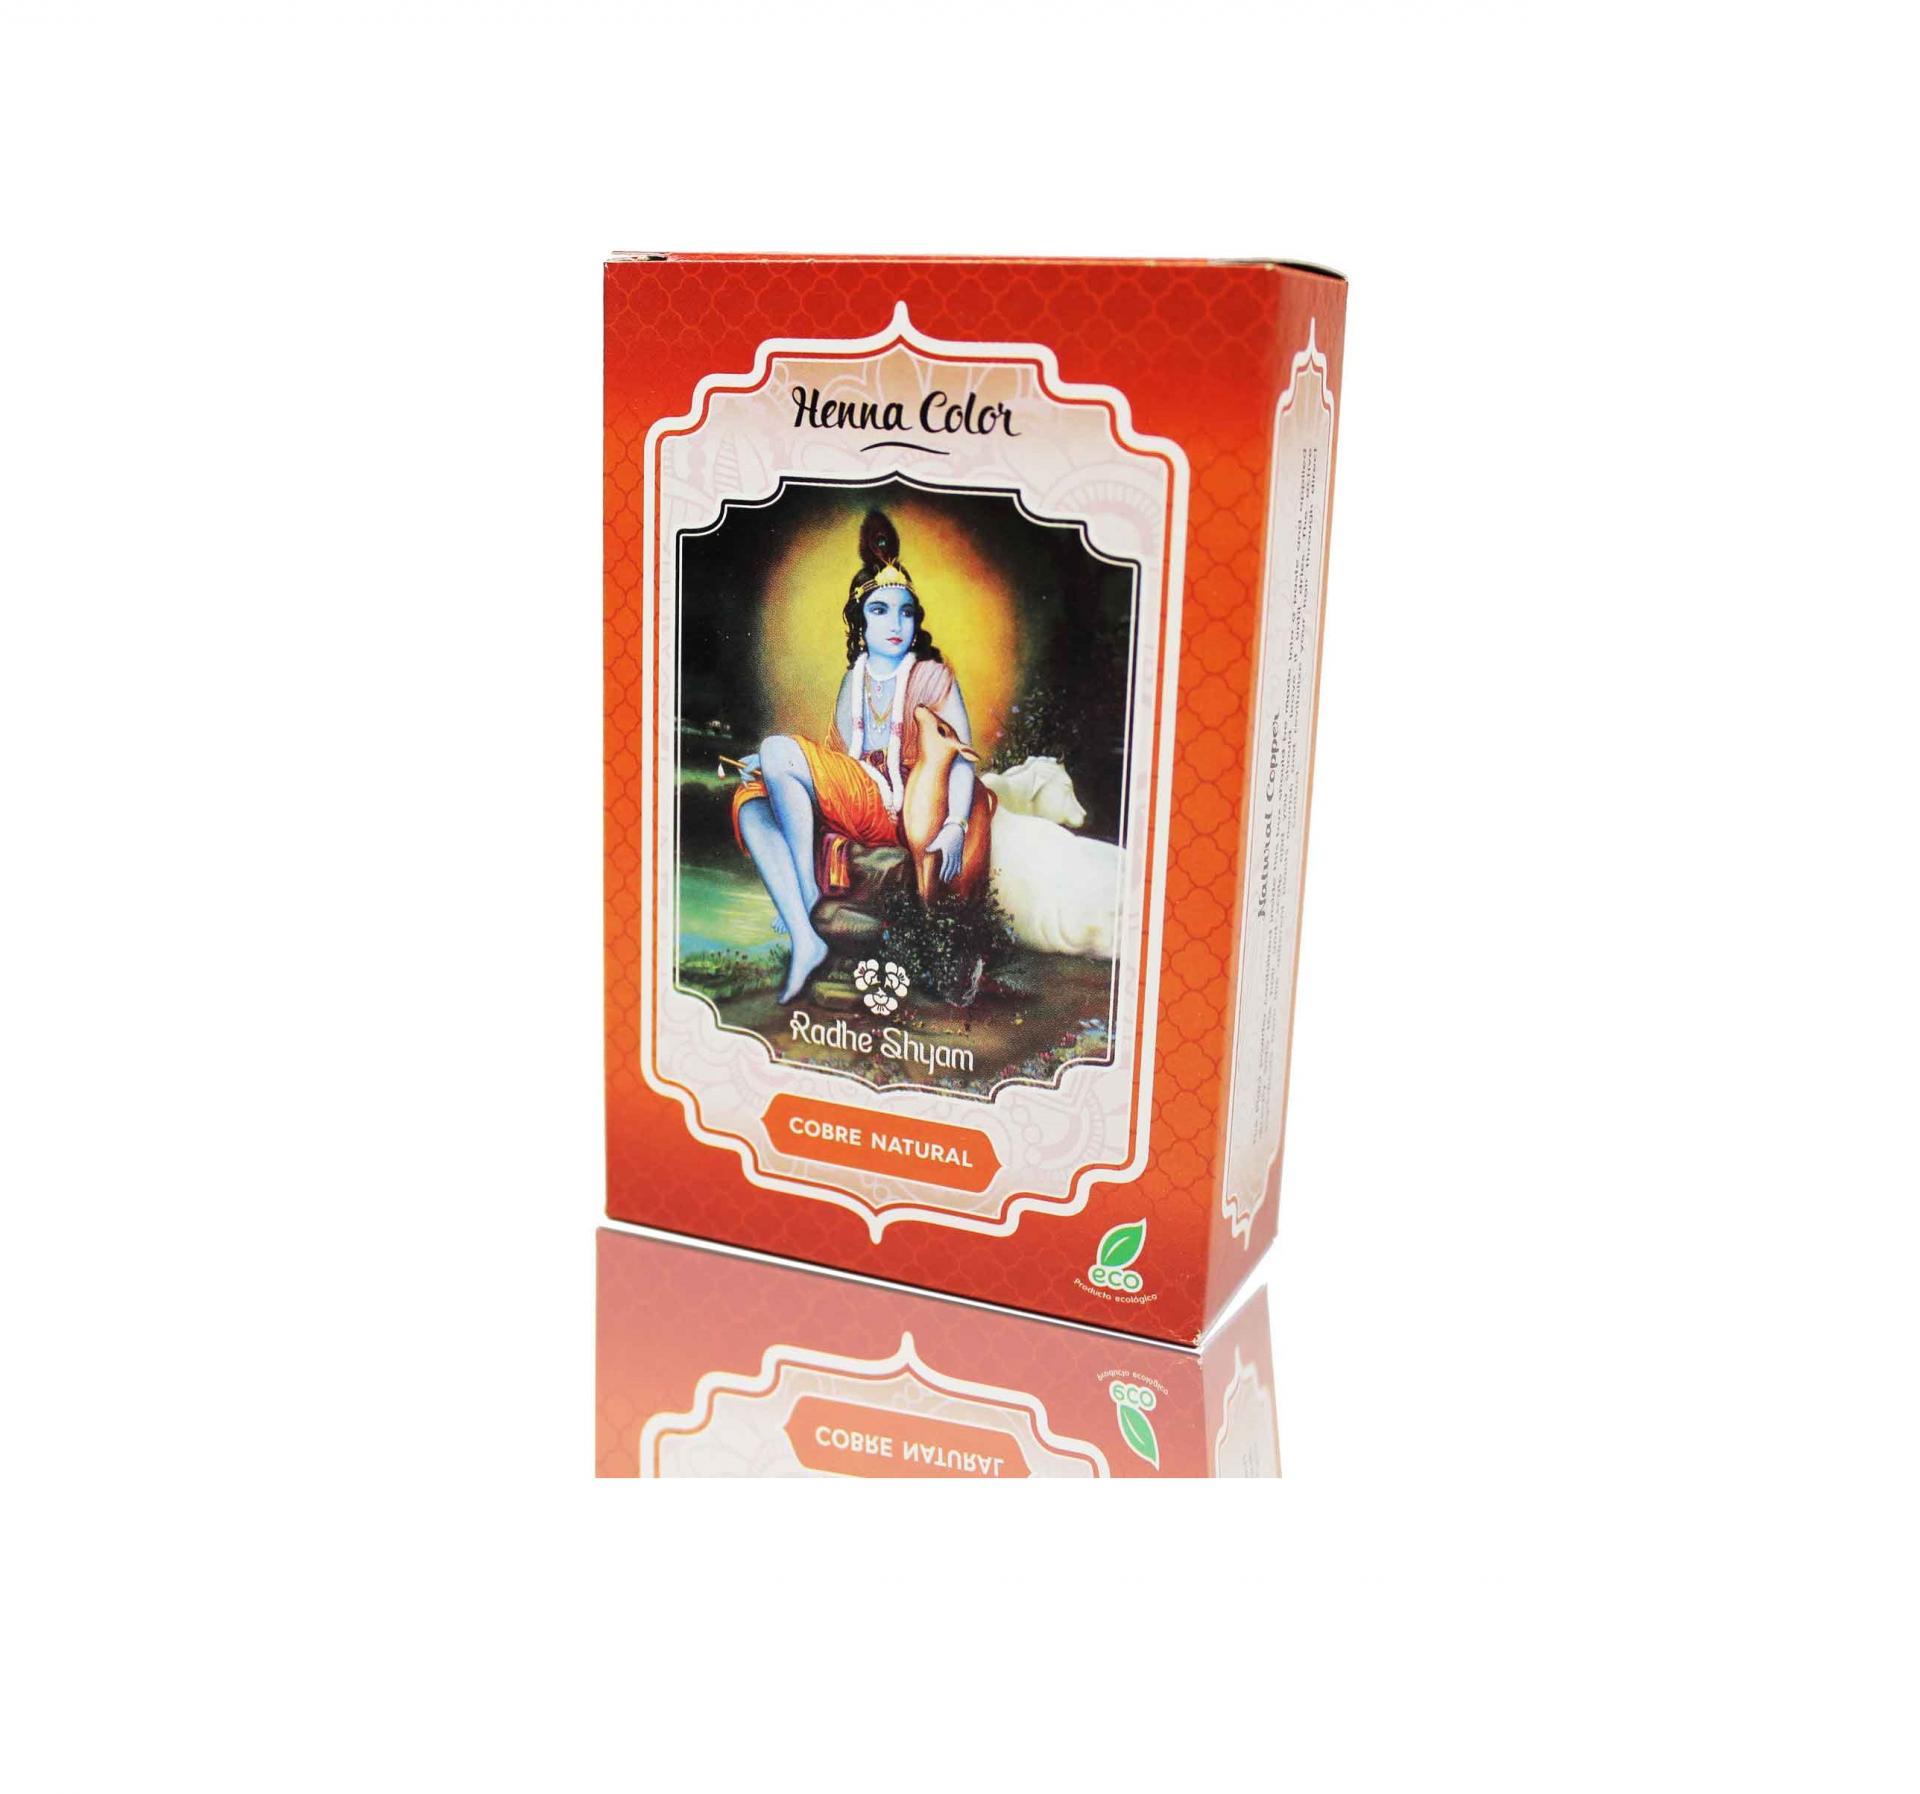 Henna Radhe Shyam Cobre Natural Polvo